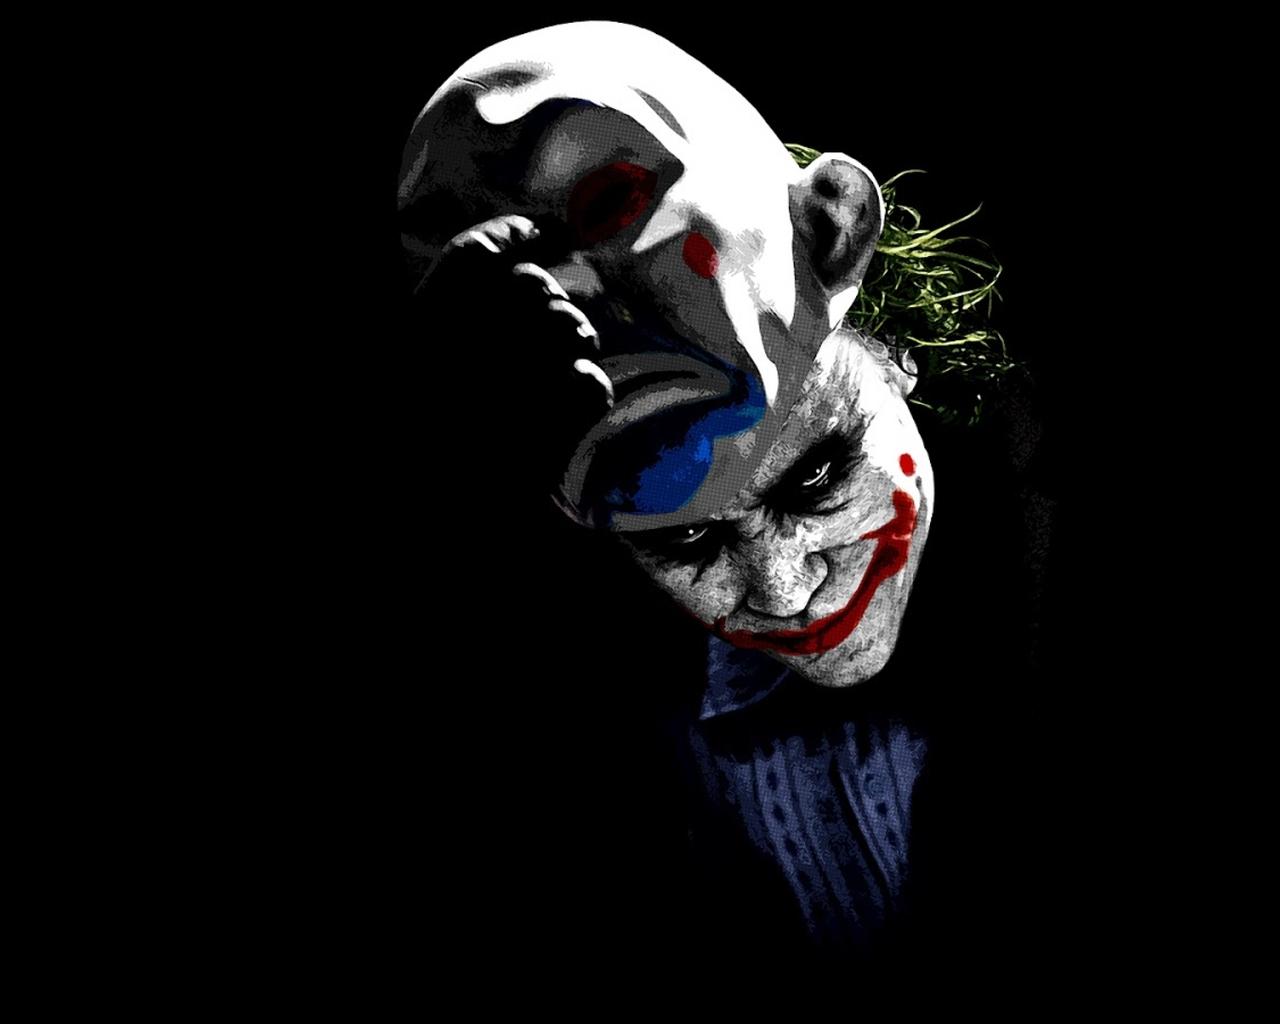 joker-8k-7v.jpg